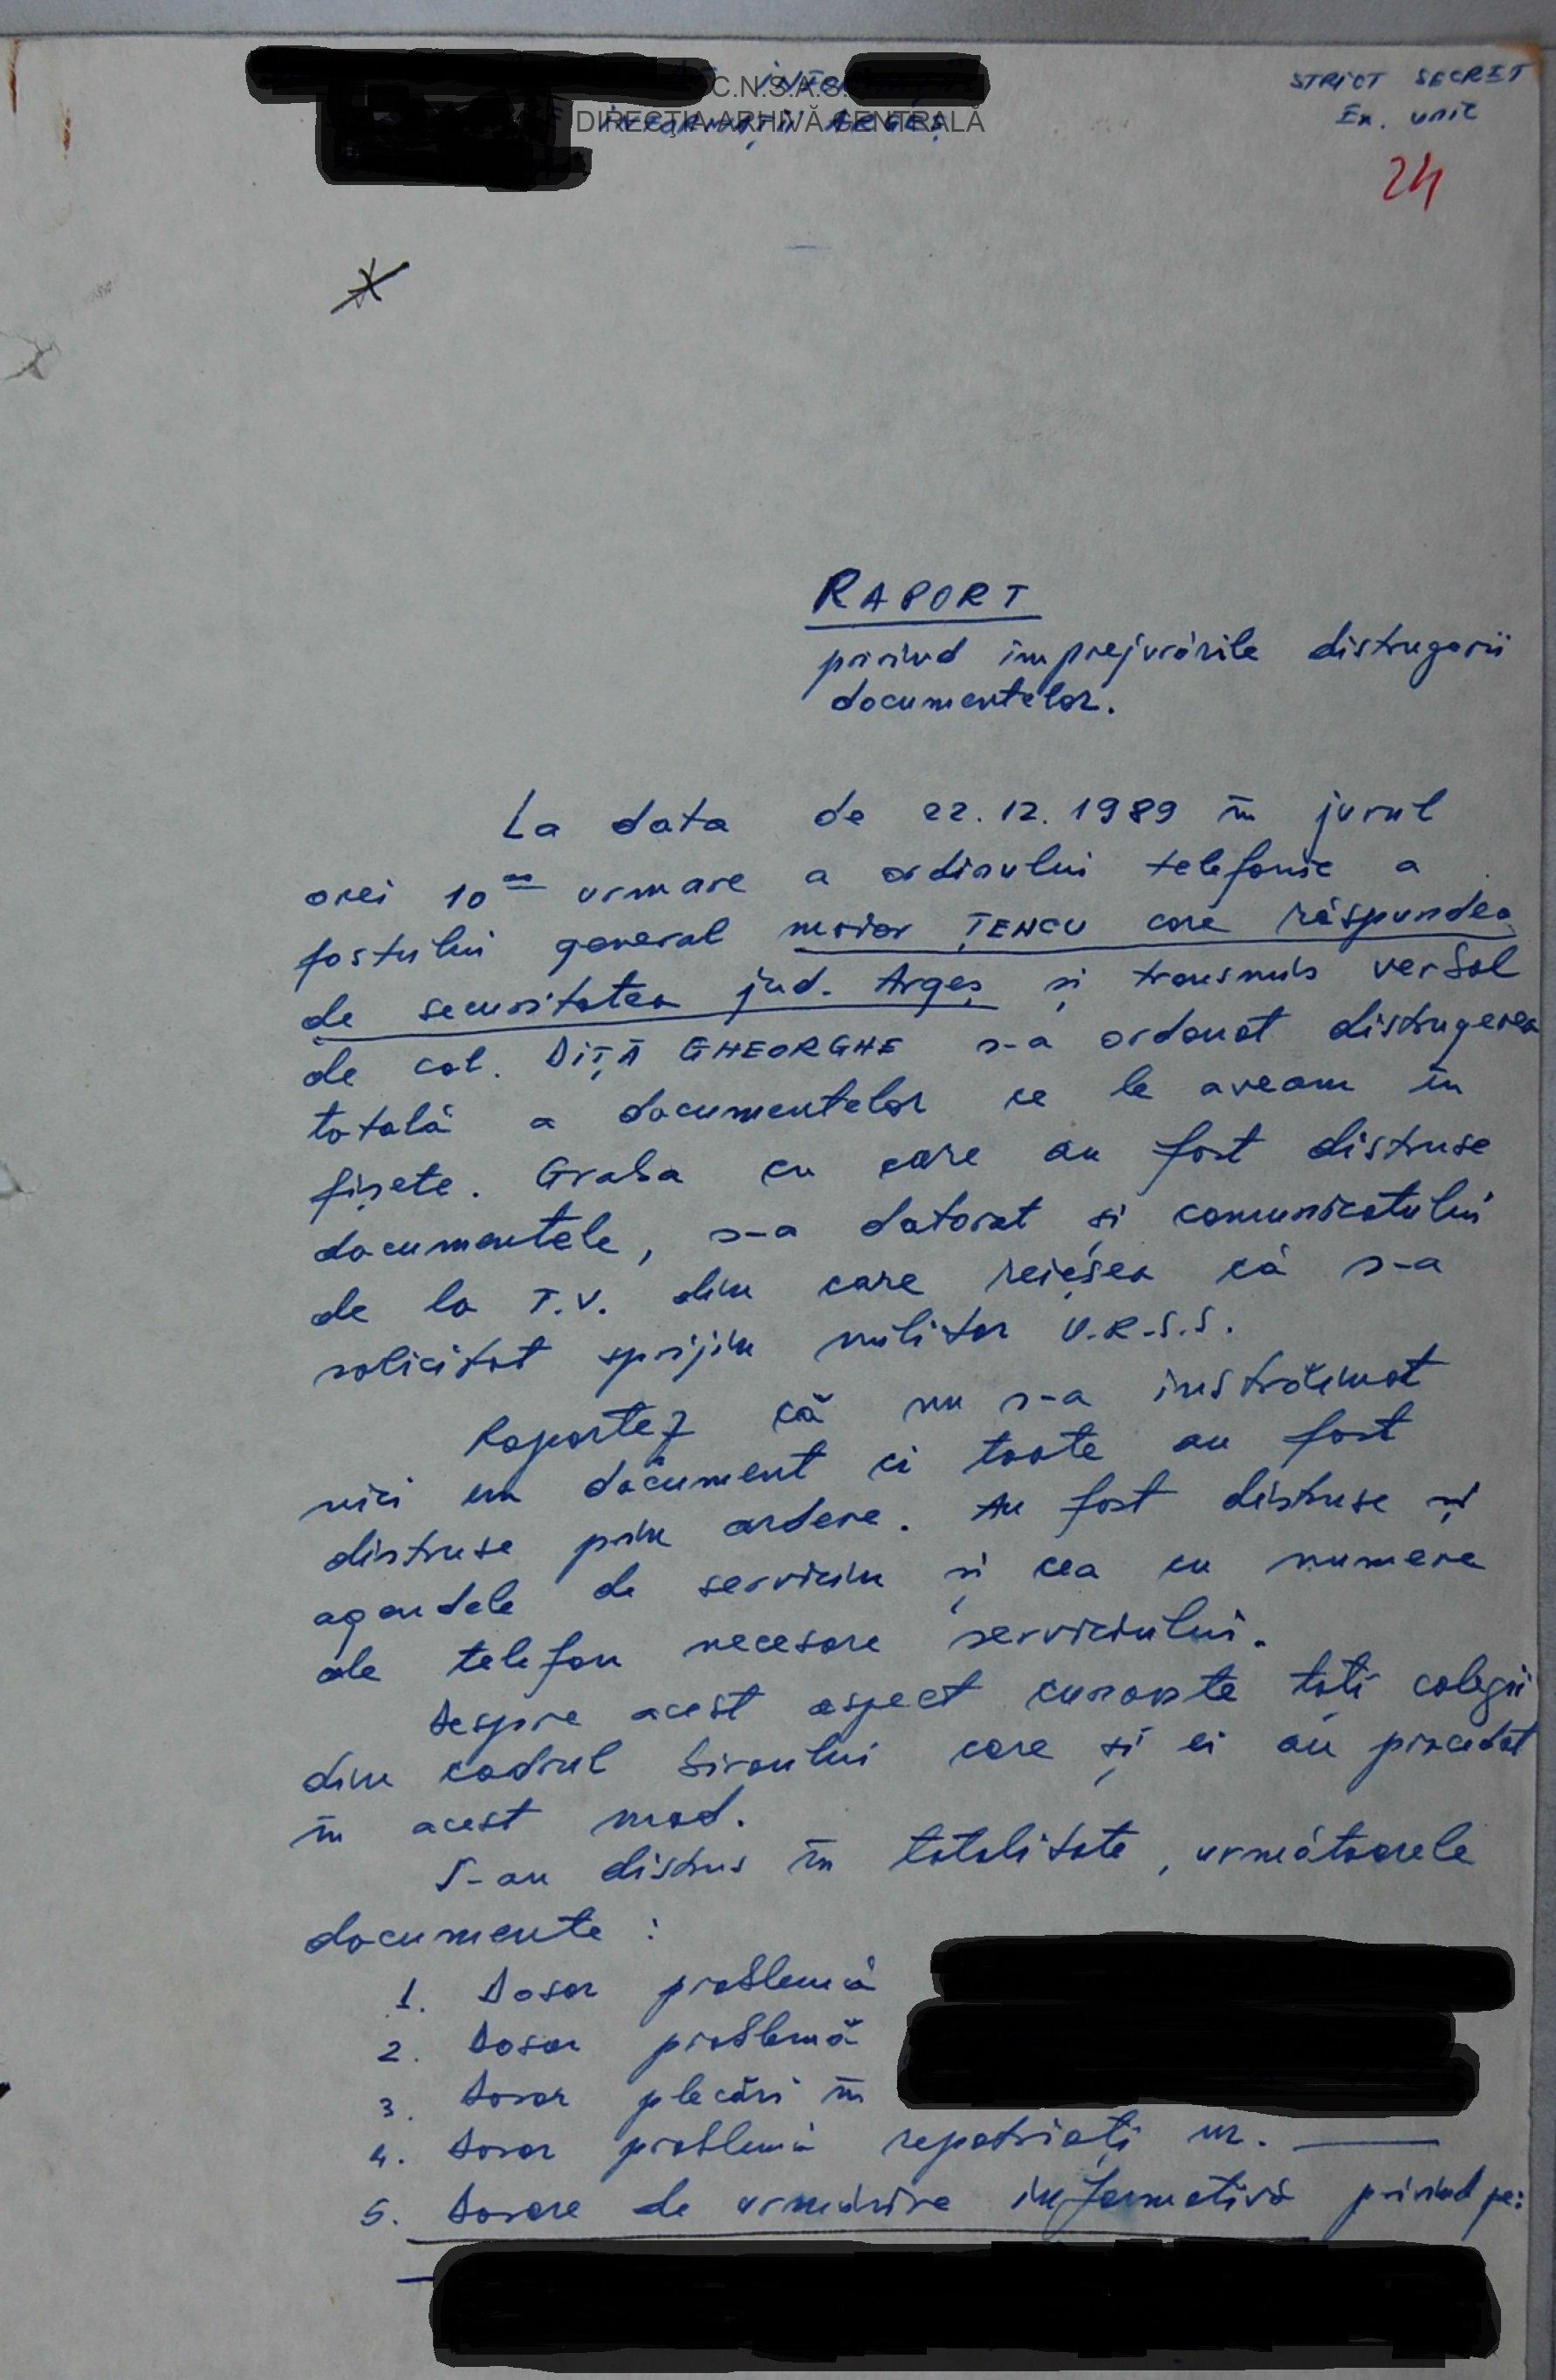 http://revista22.ro/files/news/manset/default/Raportul-capitanului-Oltei.jpg